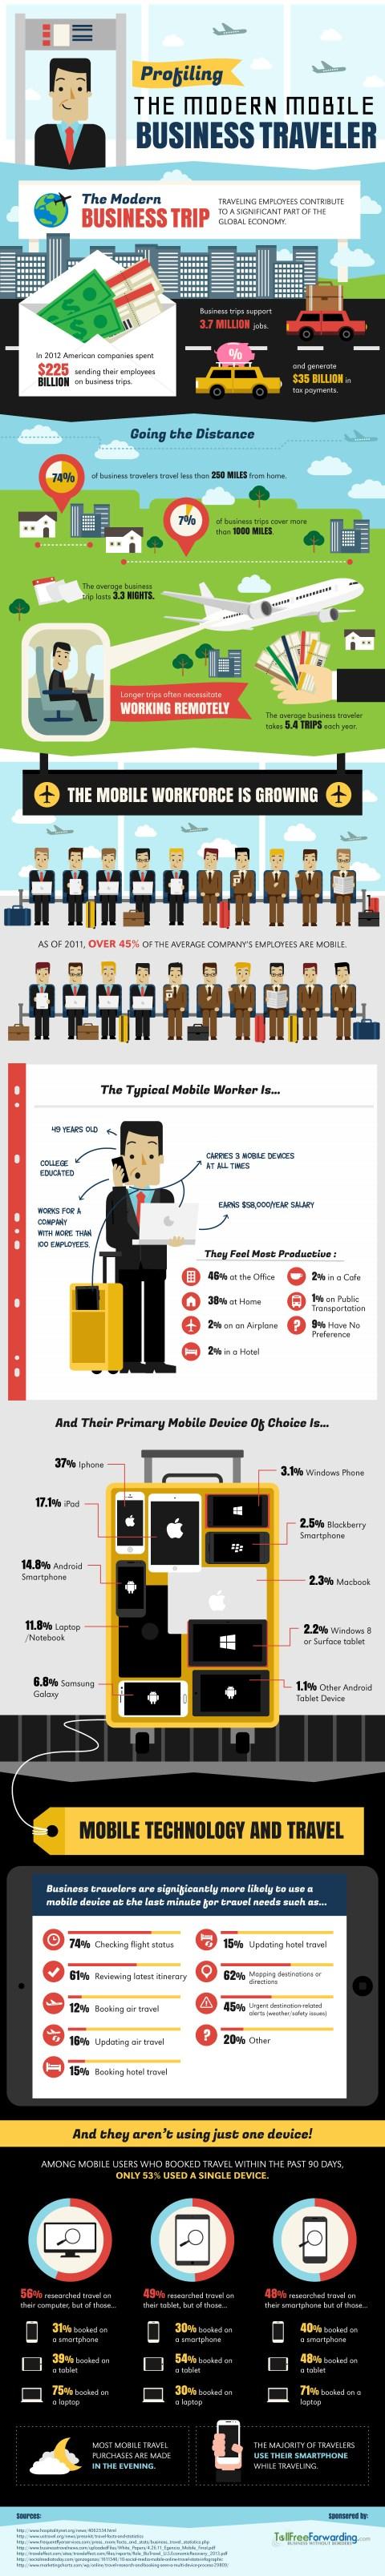 Profiling the Modern Mobile Business Traveler